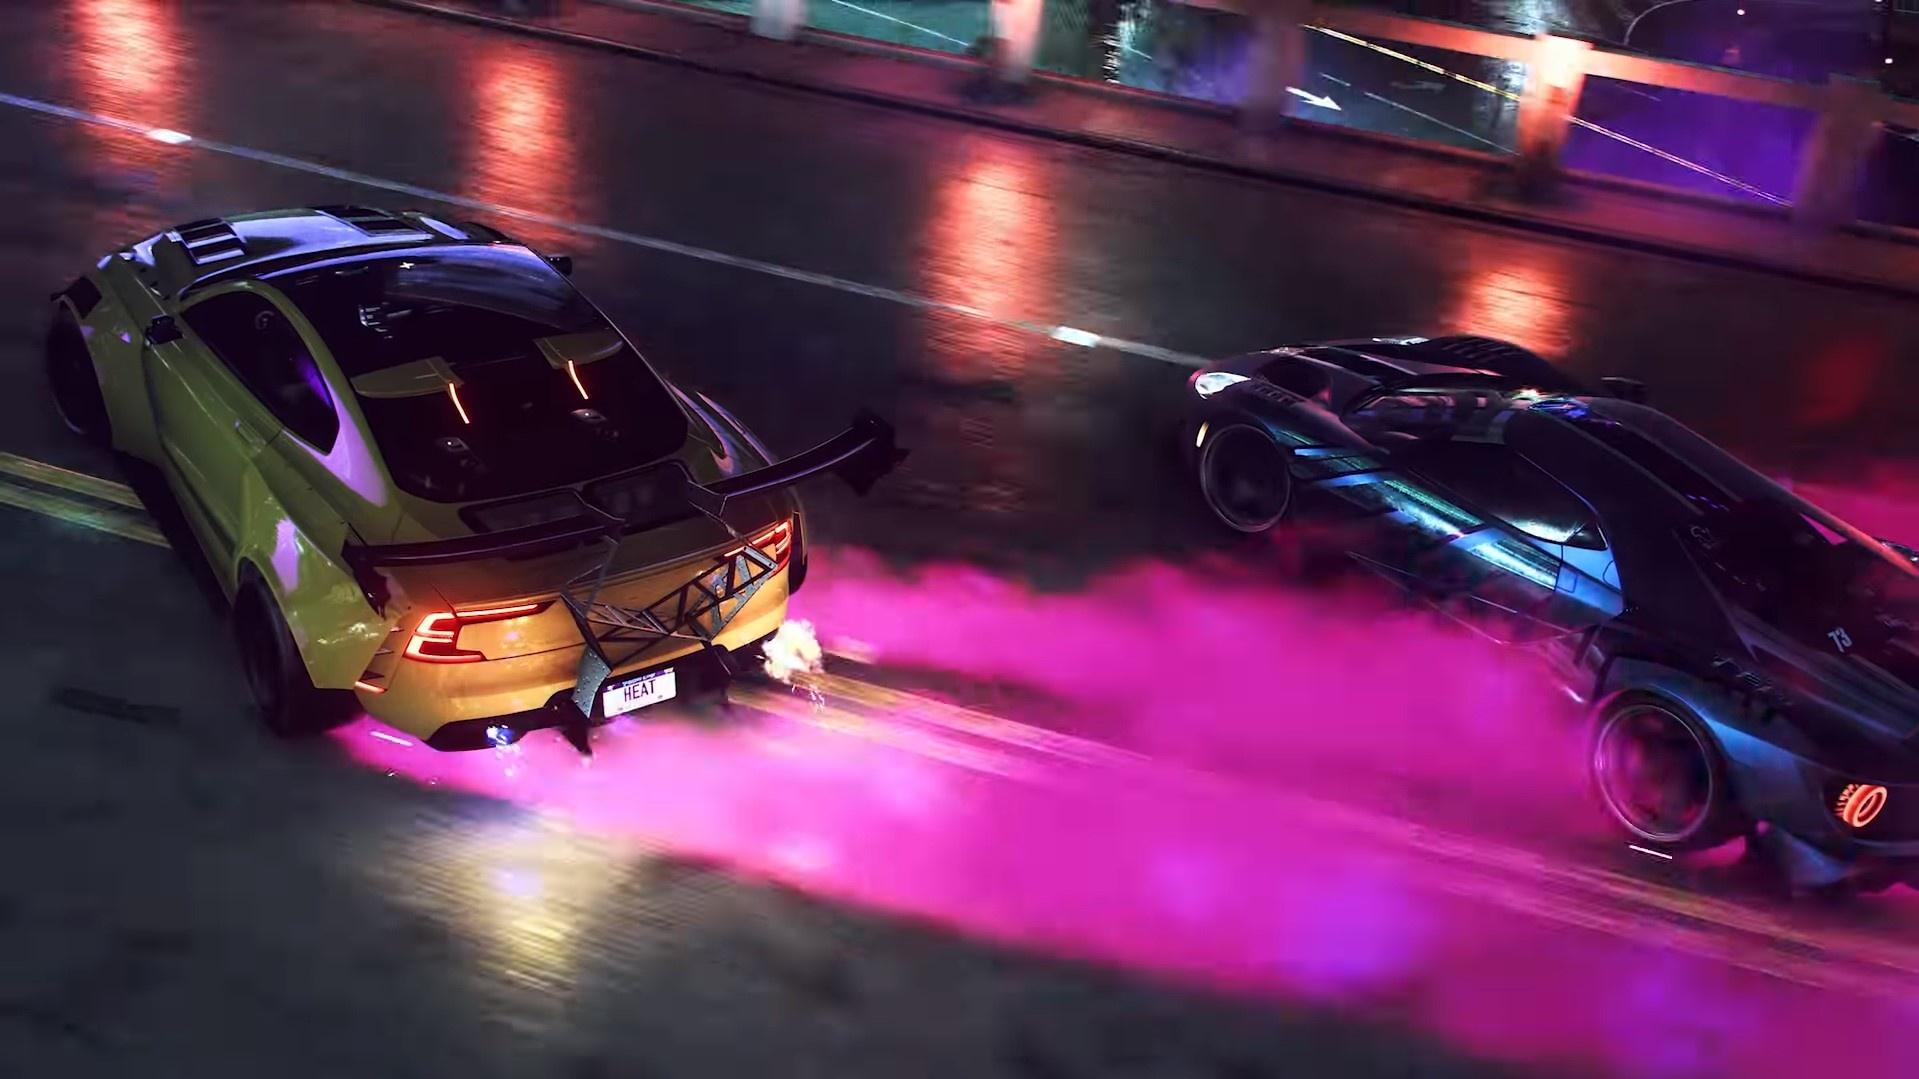 Заводите мотор: релизный трейлер Need for Speed Heat!